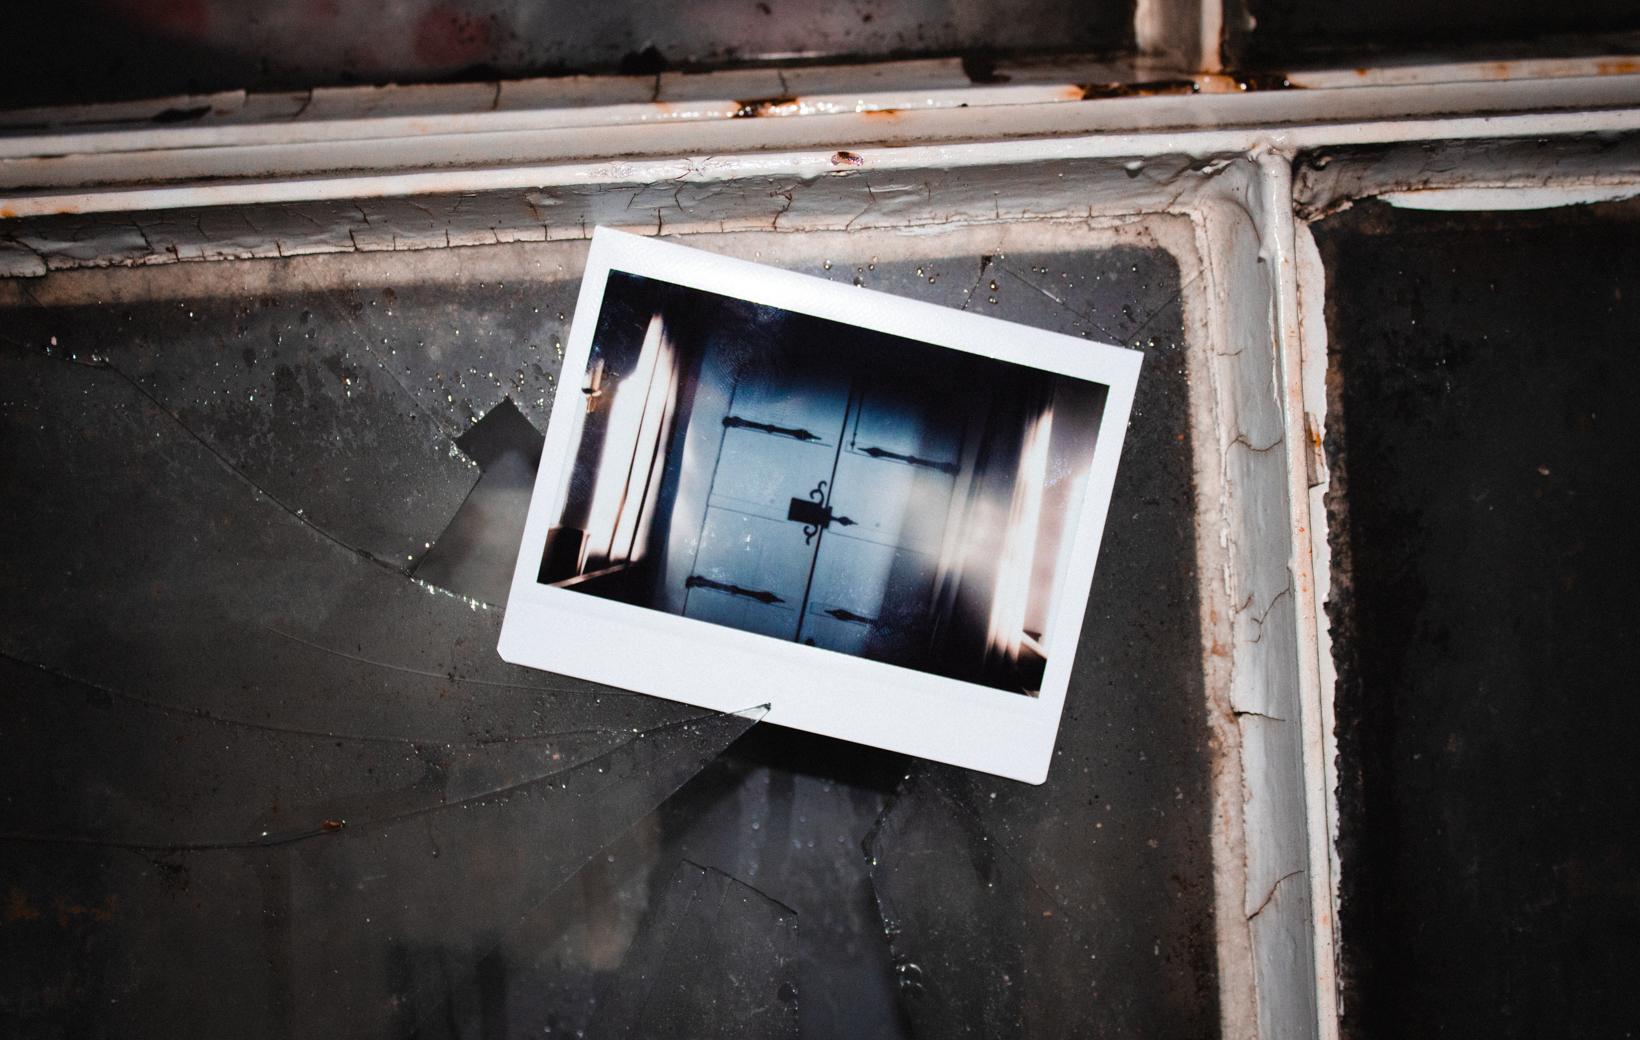 Das Bild zeigt ein Polaroid mit einer Kirchentür